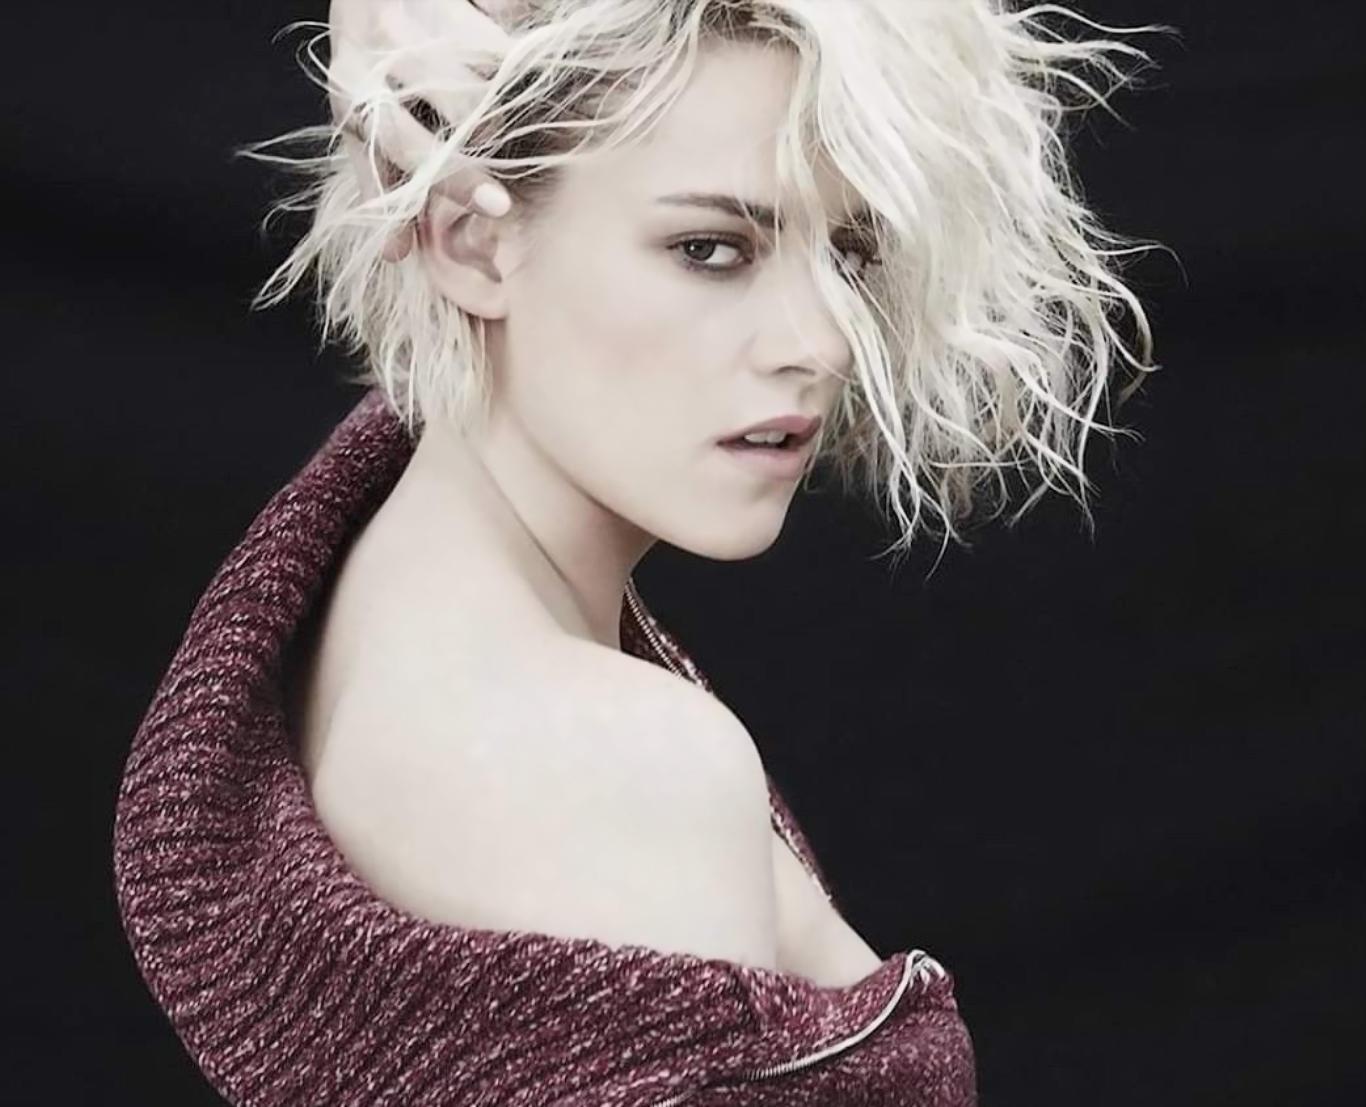 Kristen Stewart Seductive Look Hot Wallpaper